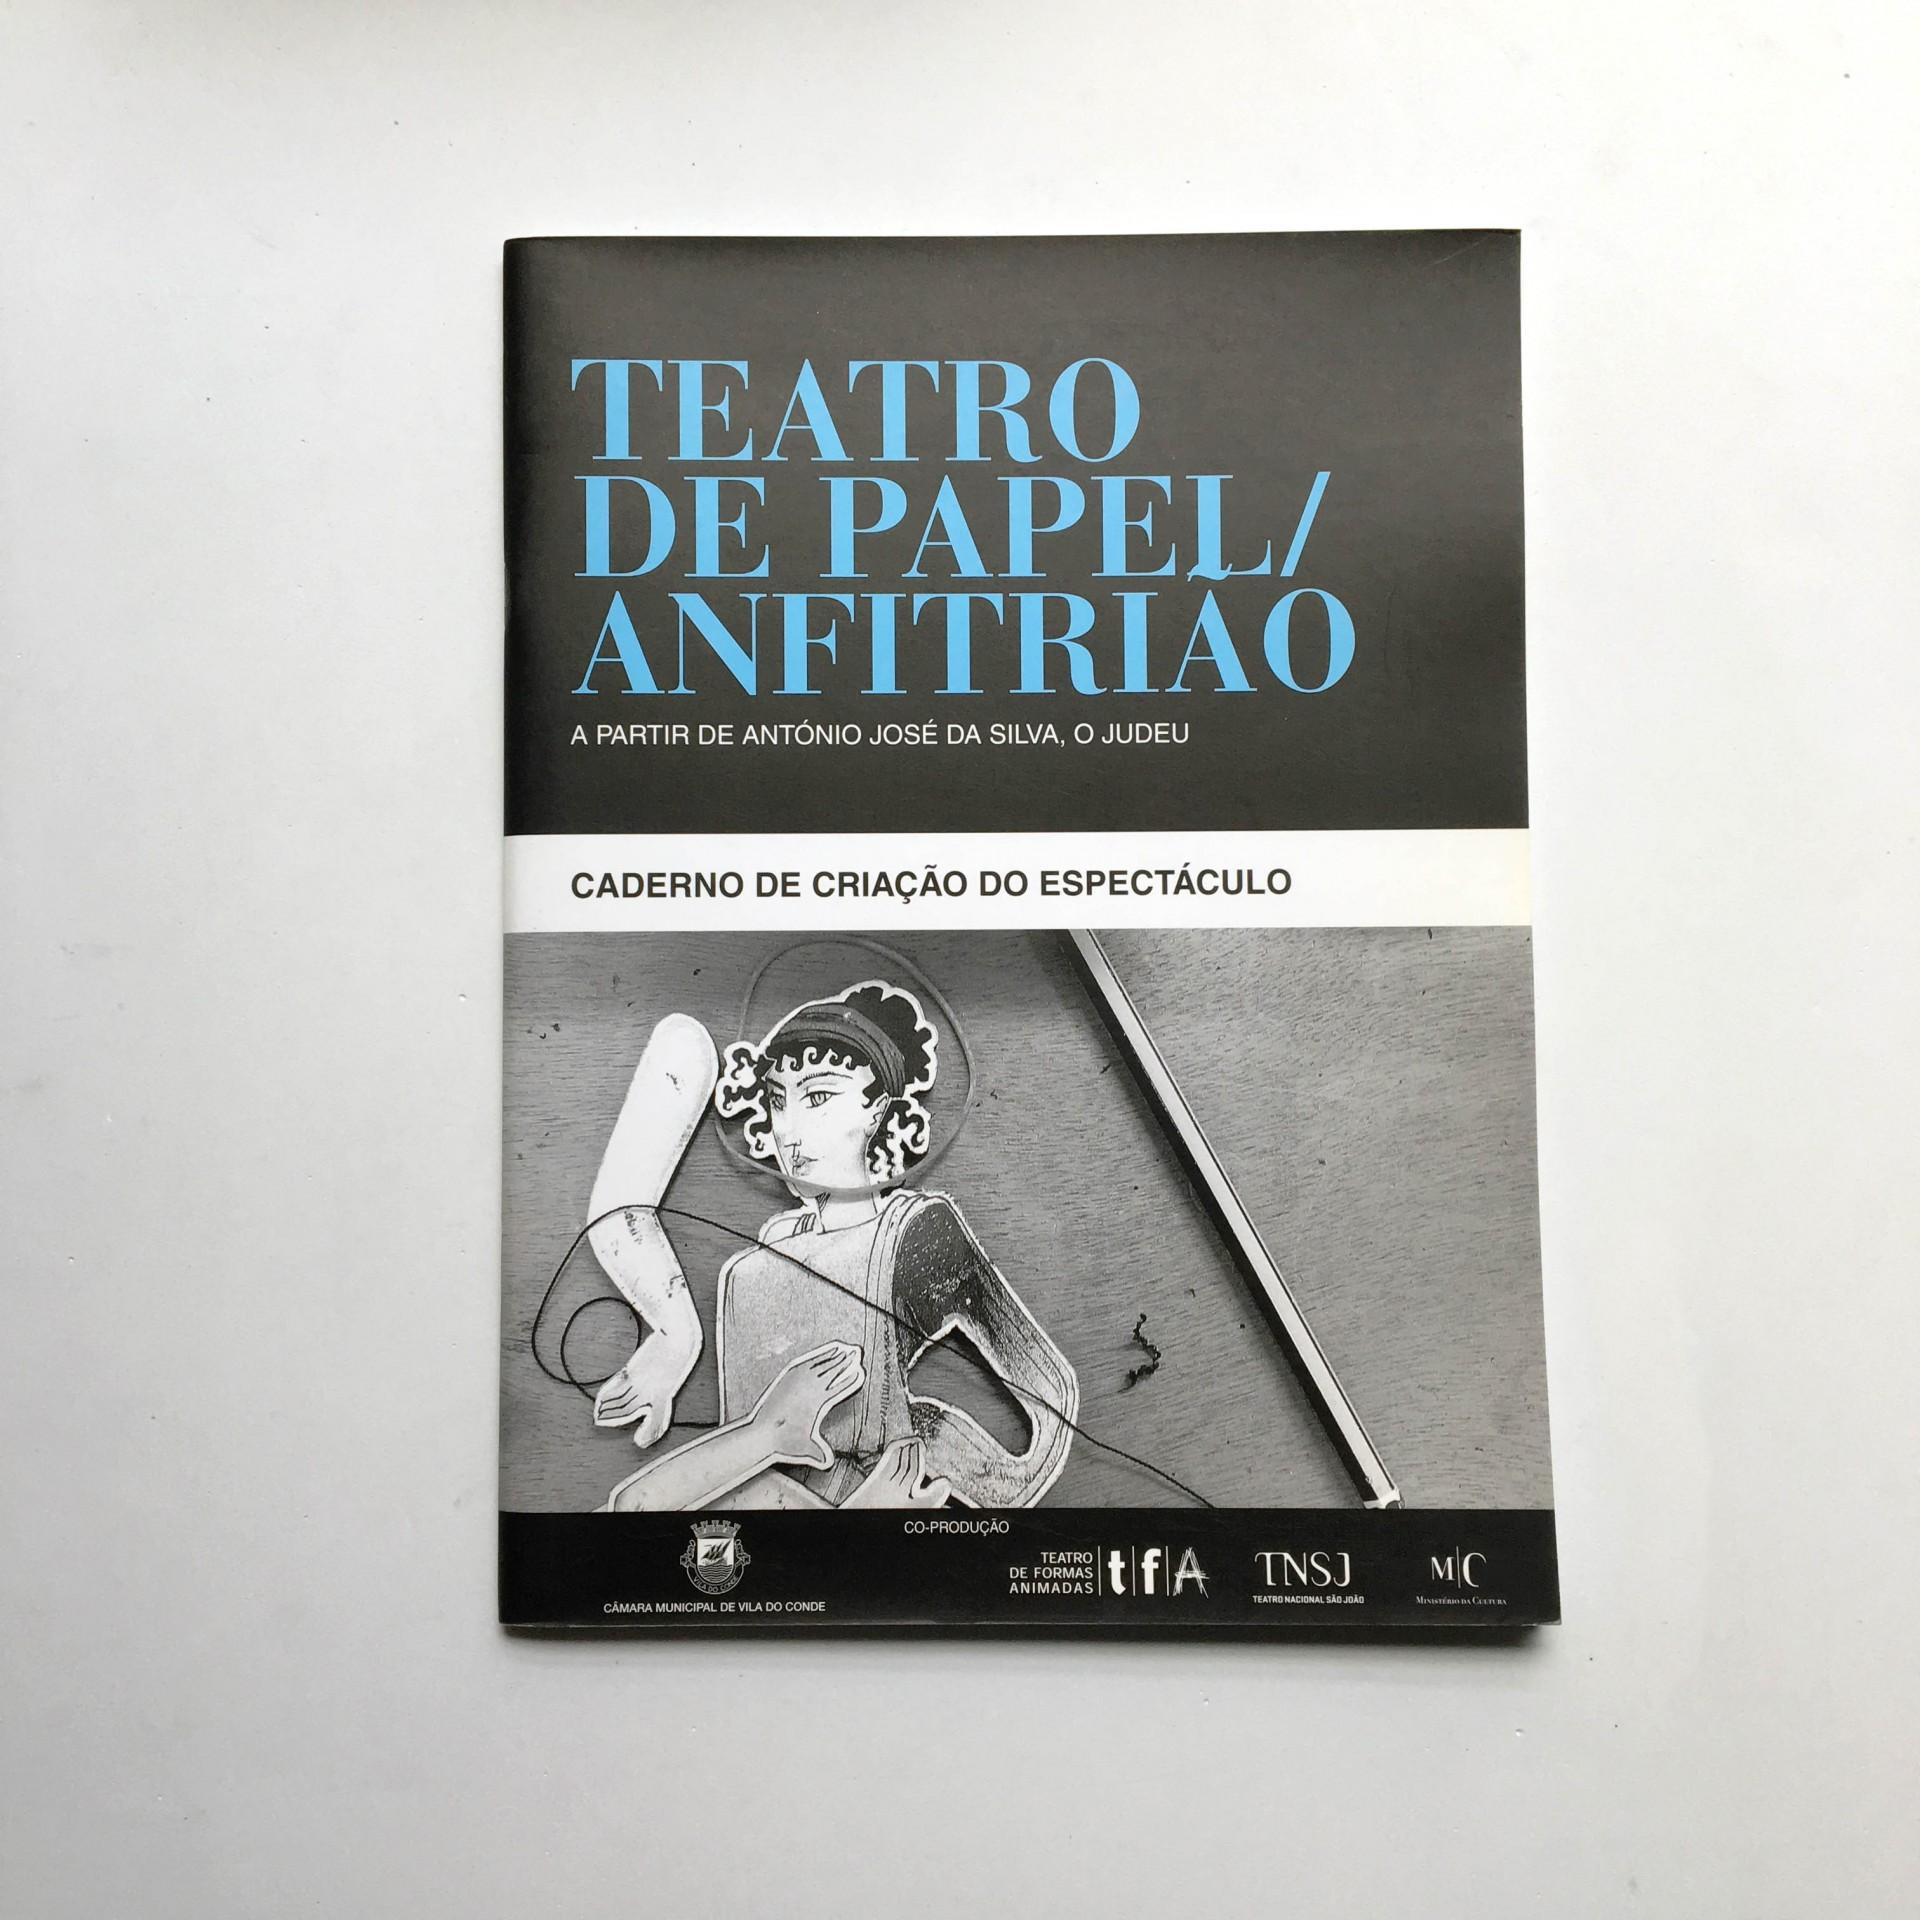 Teatro de Papel / Anfitrião